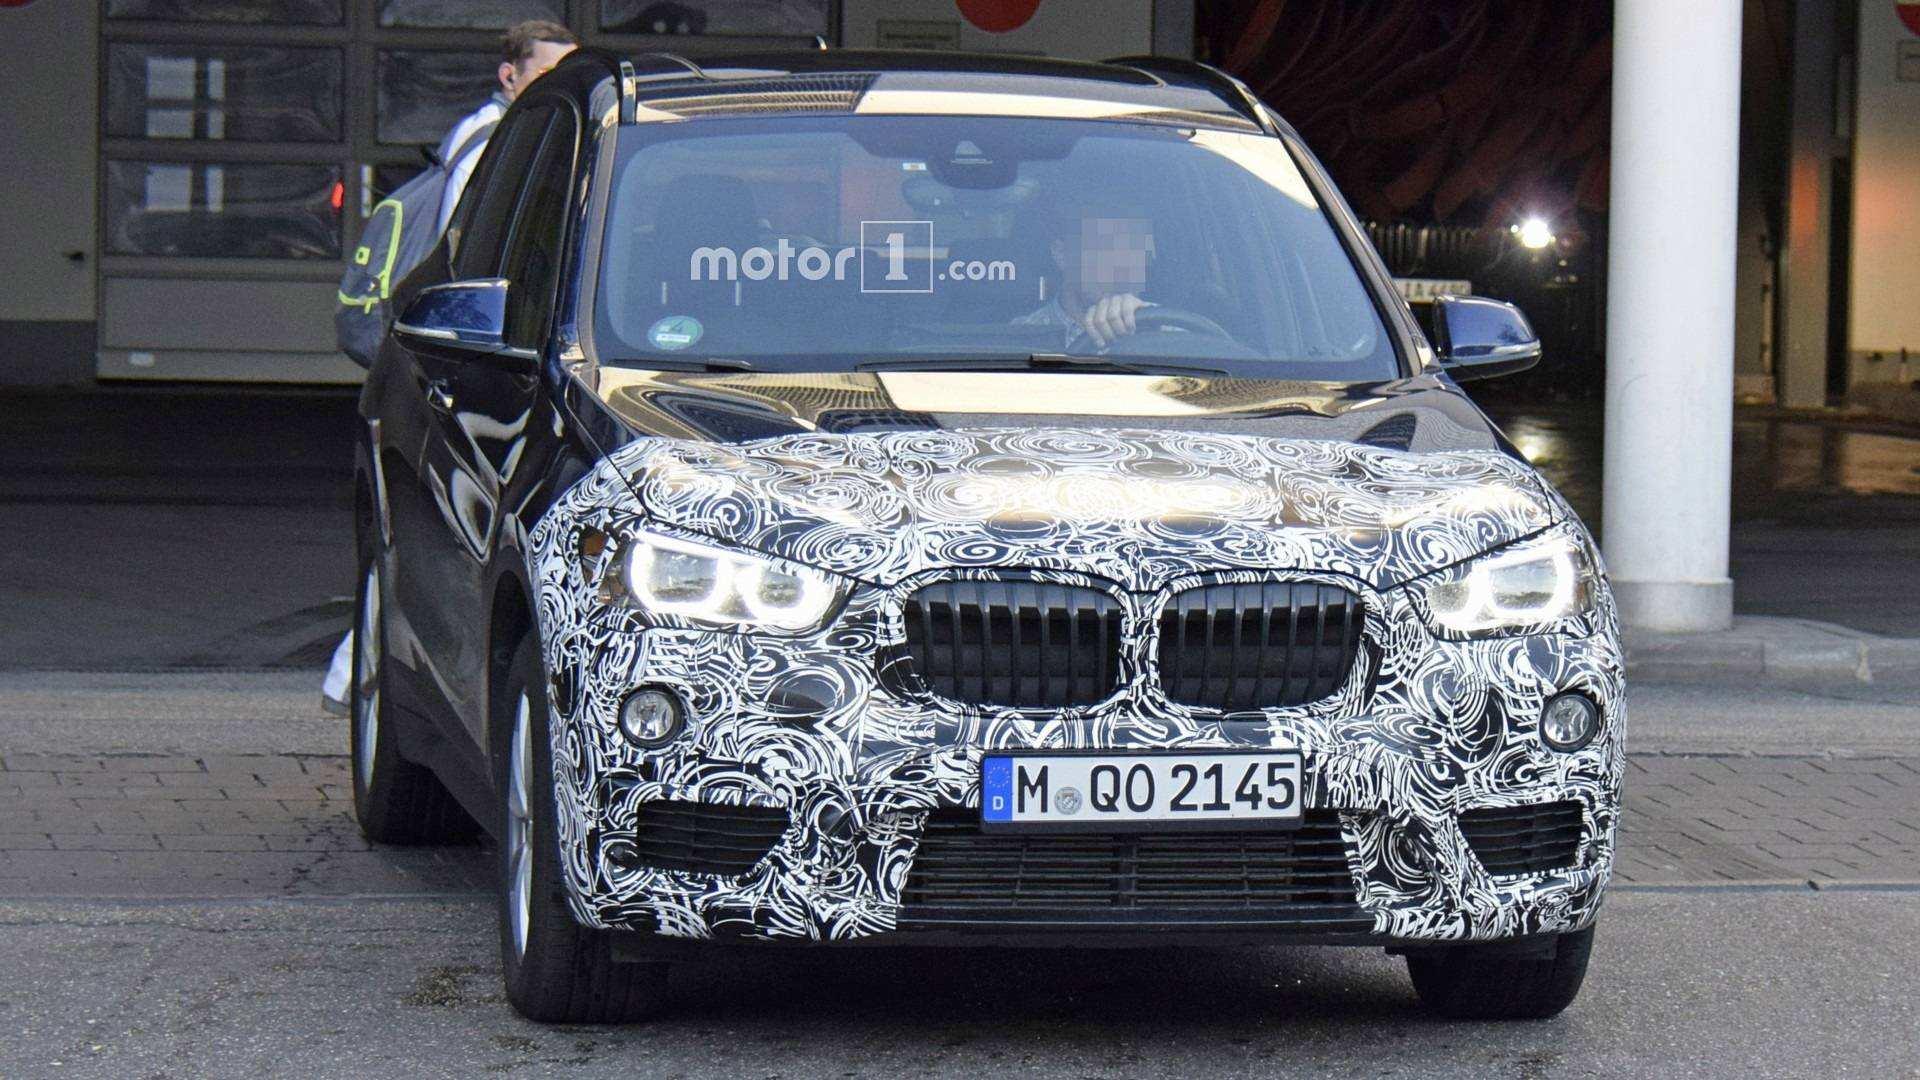 61 New 2020 BMW X1 2020 Pricing with 2020 BMW X1 2020